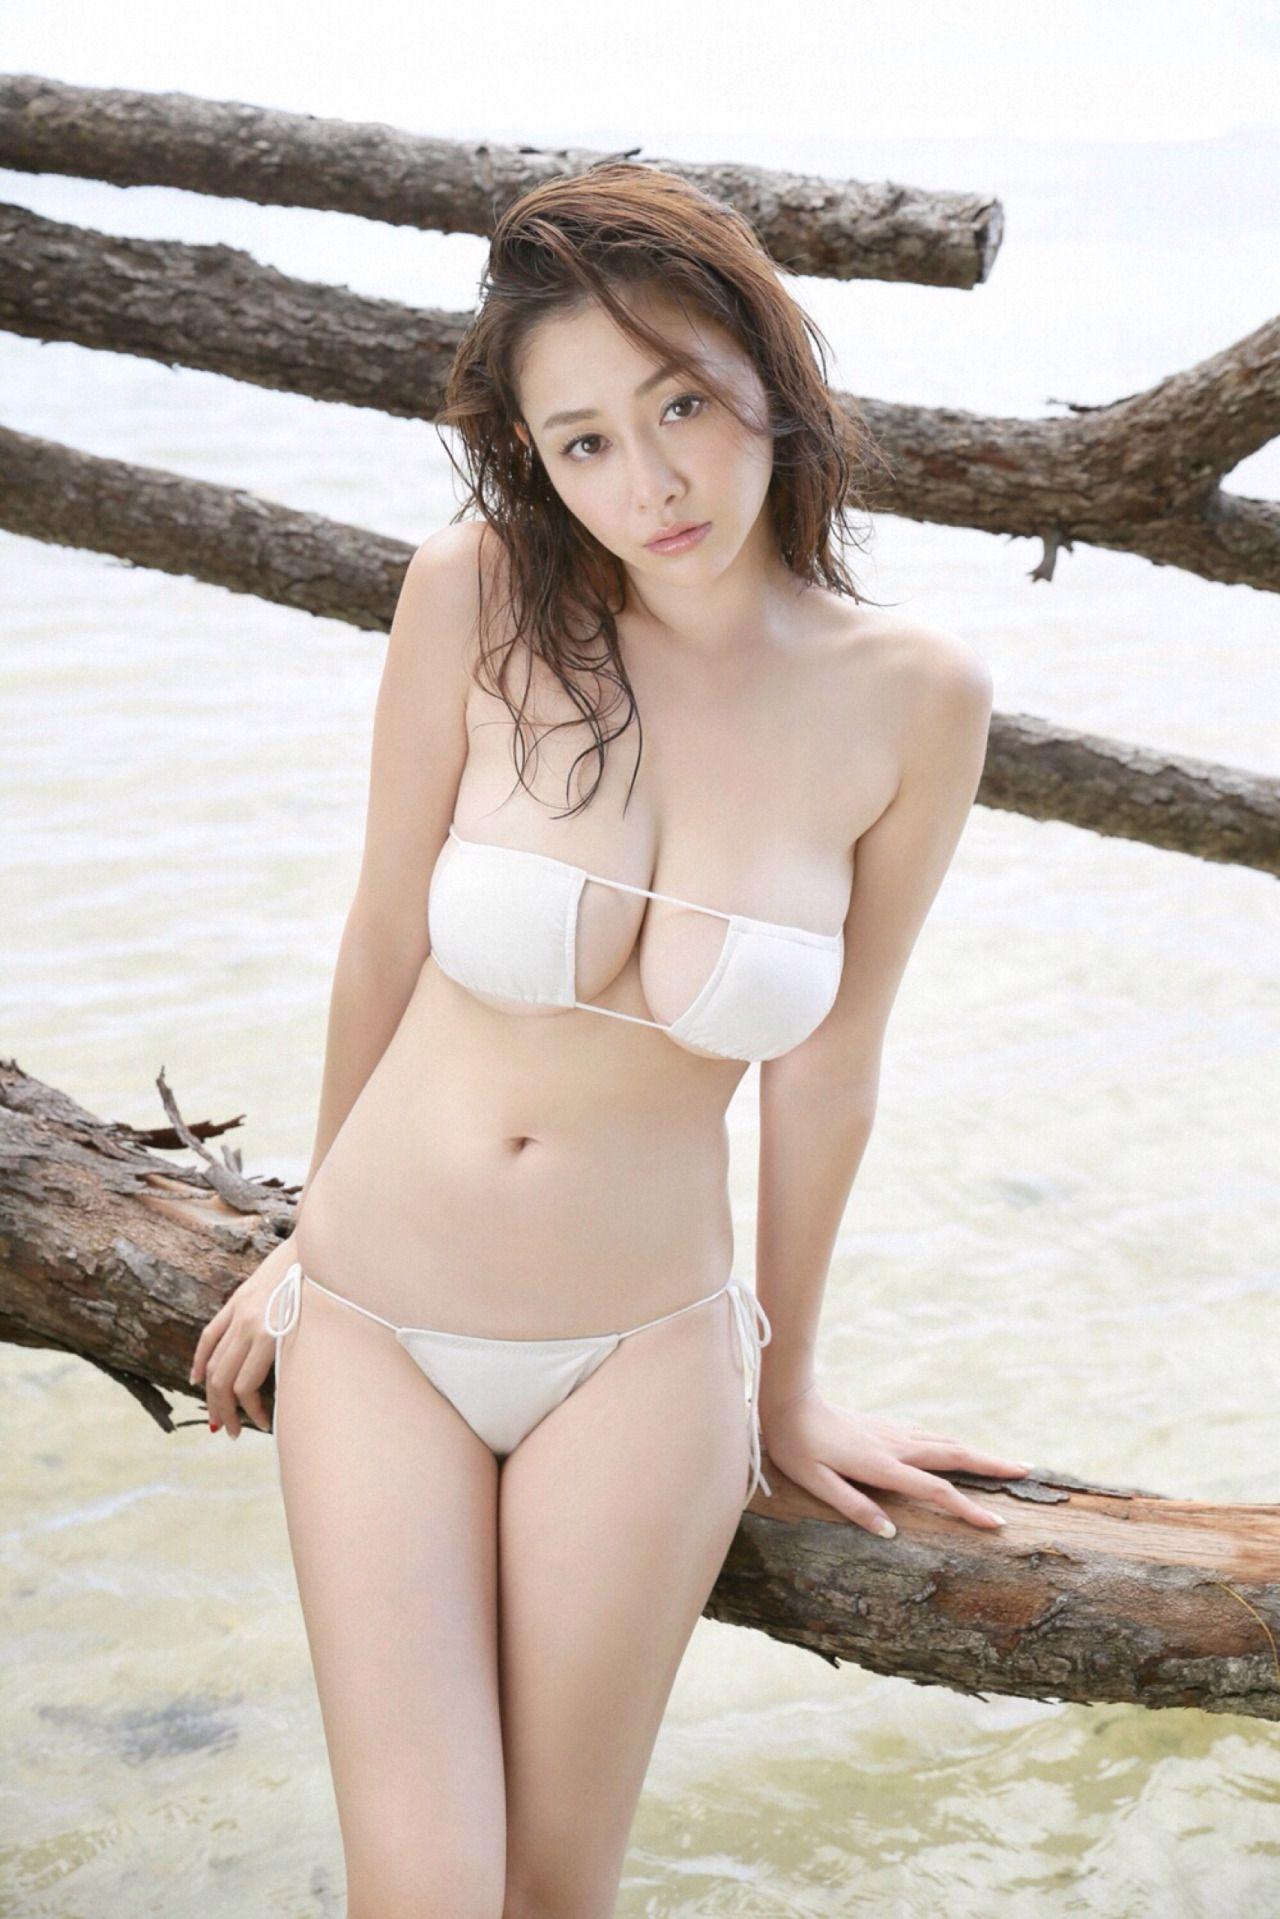 杉原 杏璃 Anri Sugihara Sirens 7 Pinterest Asian Angels